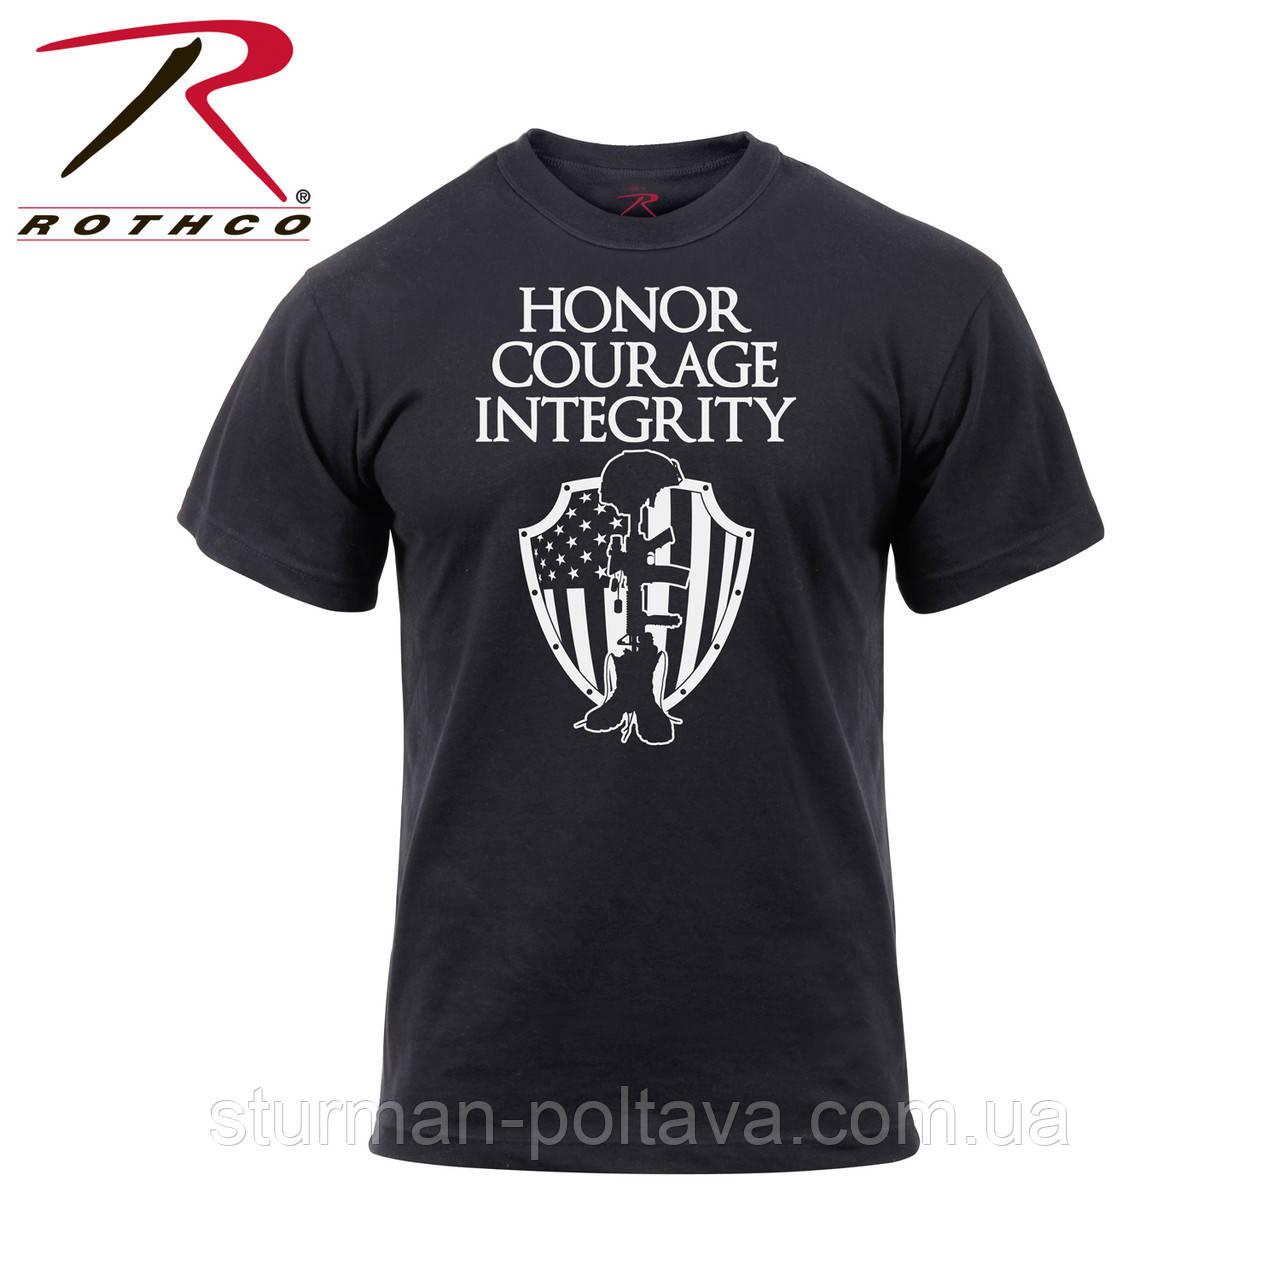 Футболка мужсккя патриотическая  мужество и честь  Rothco   Honor Courage Integrity Athletic    США